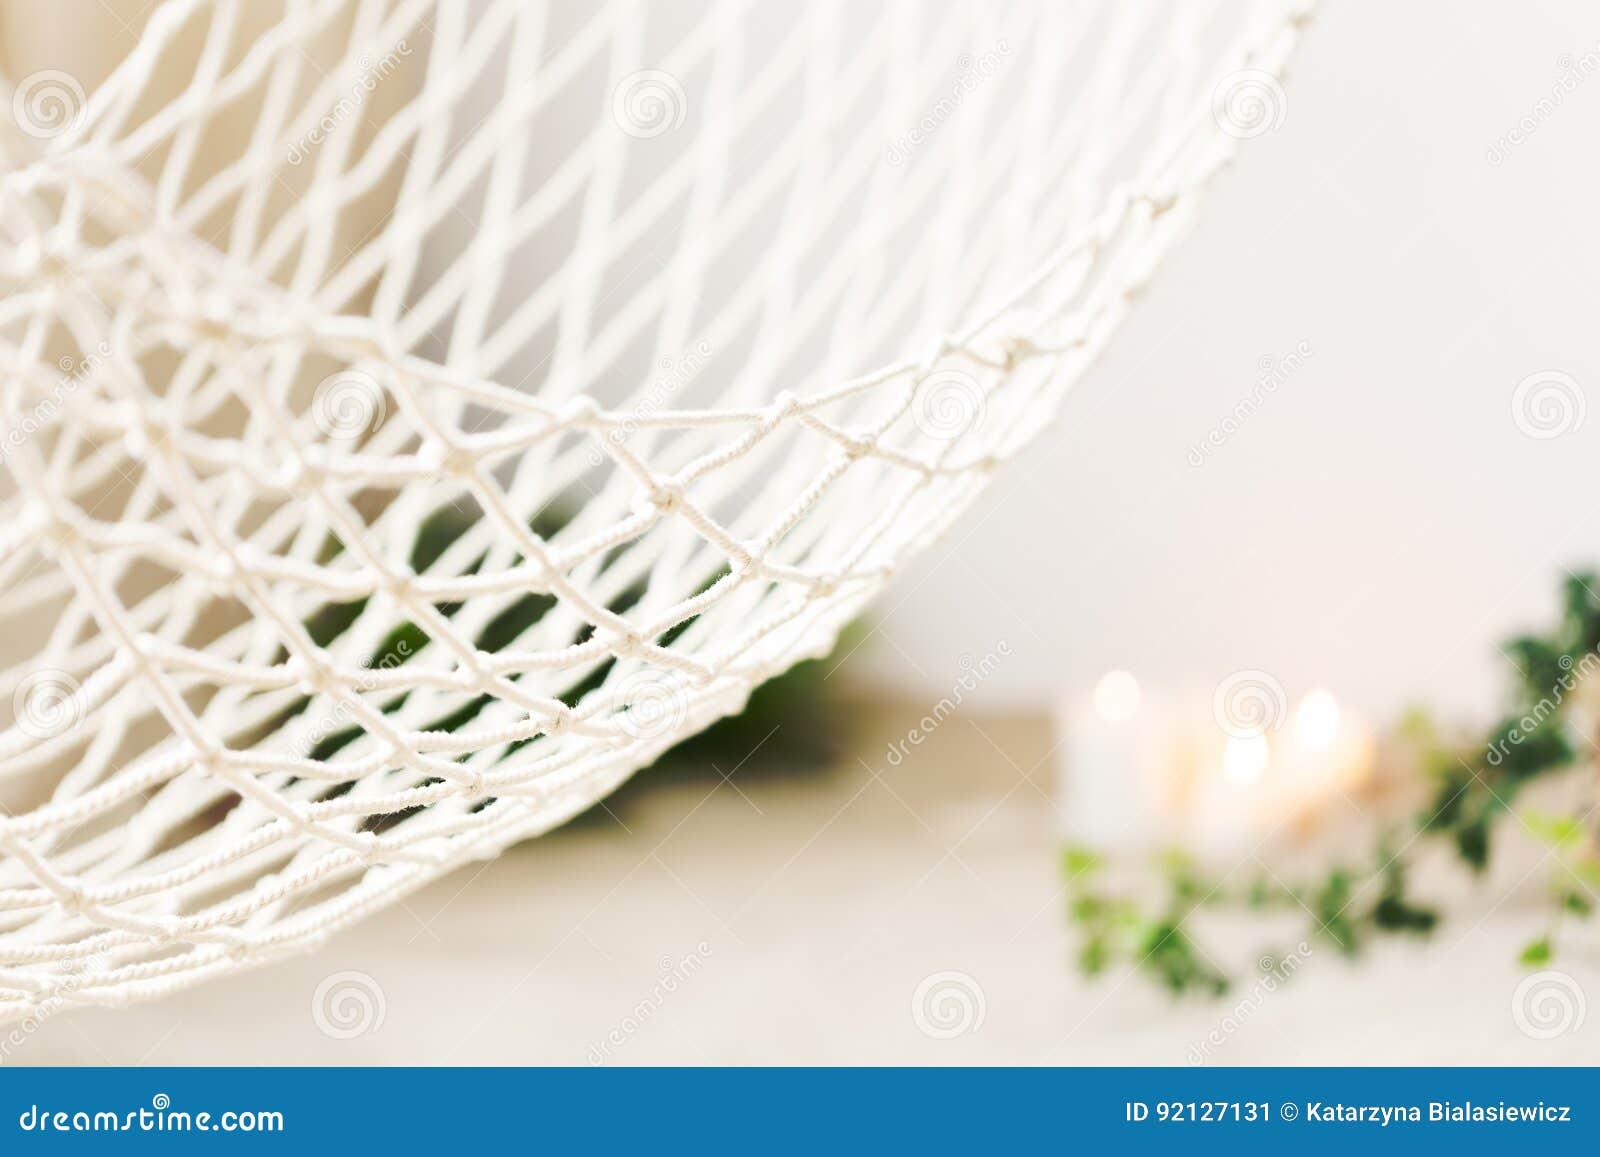 Witte netto hangmat